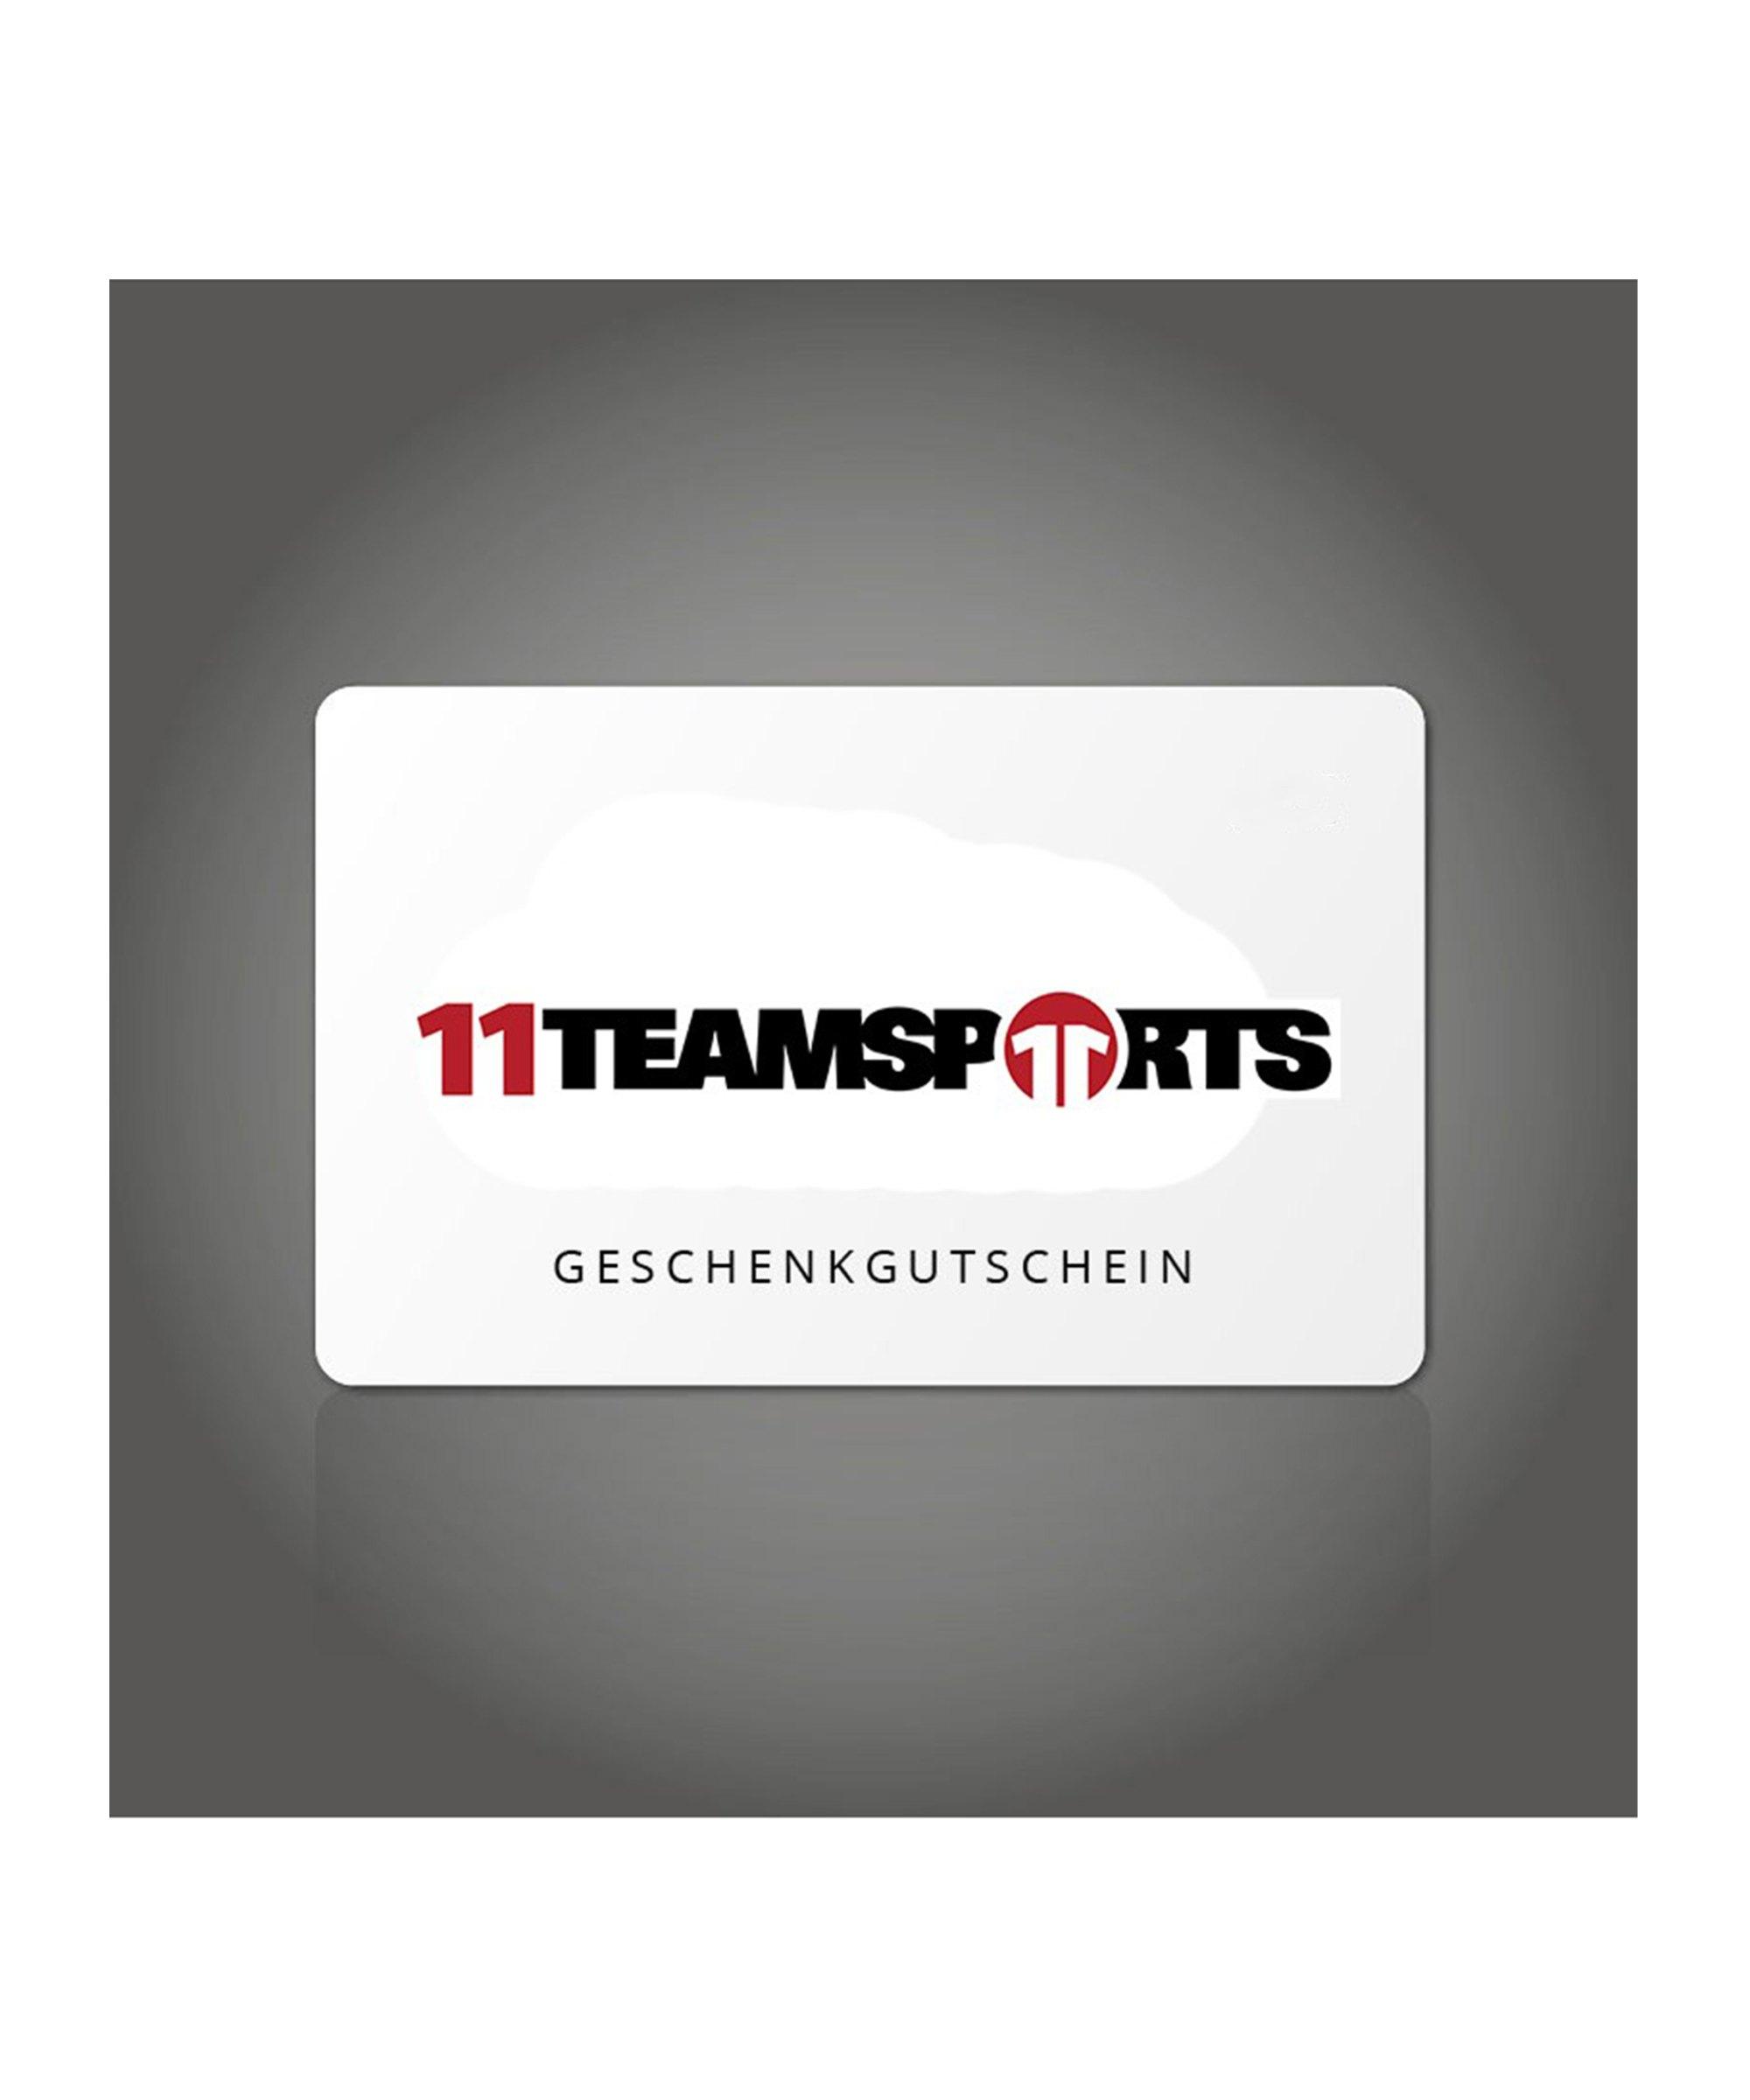 11TEAMSPORT GUTSCHEIN